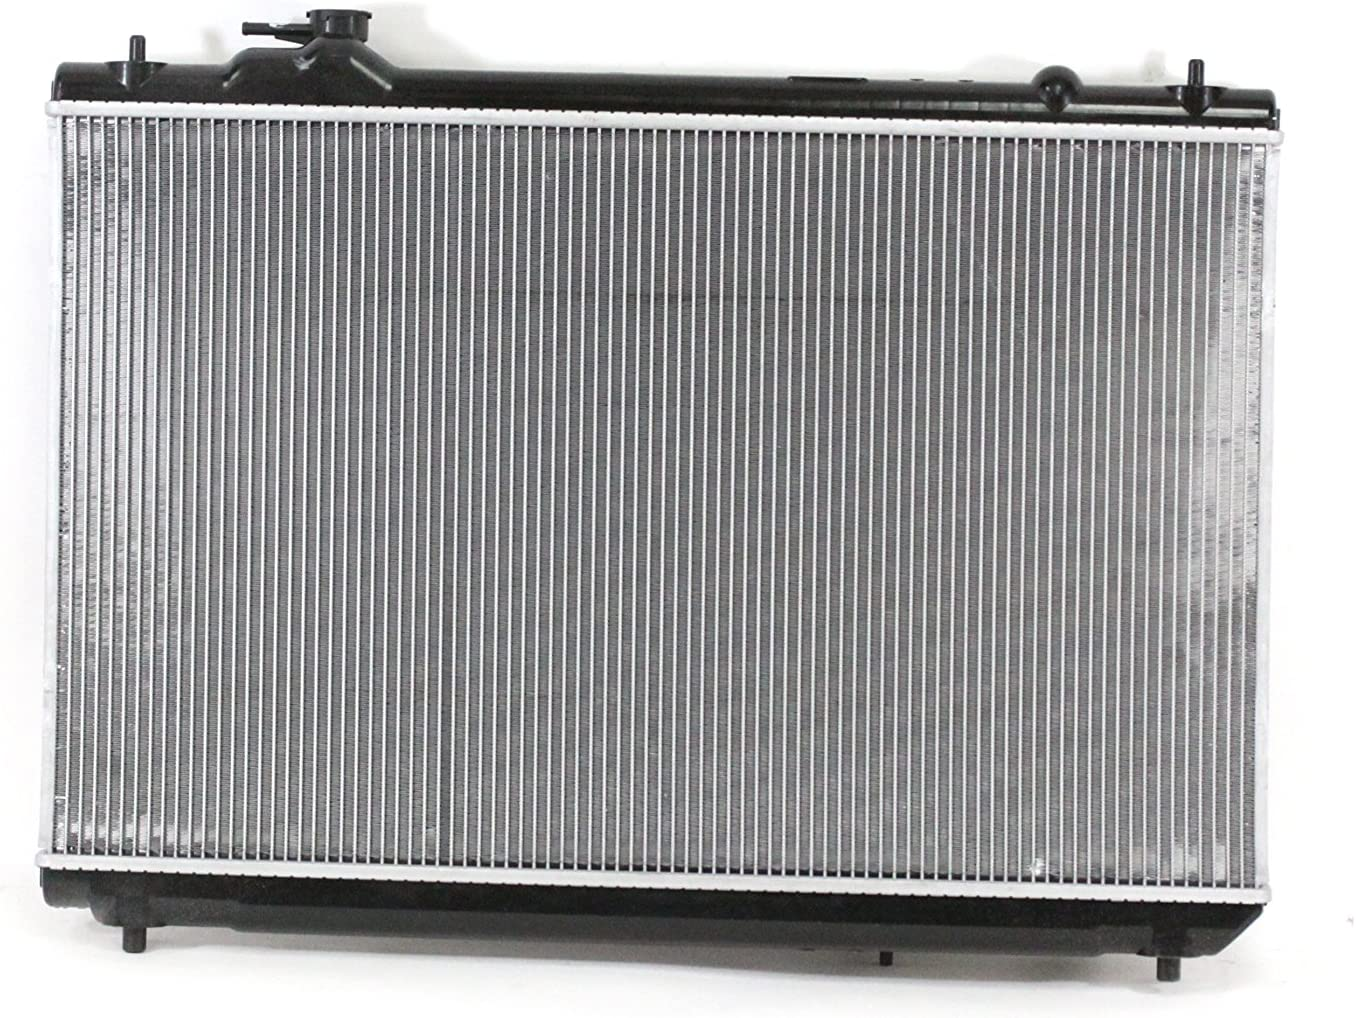 Koyorad A2848 Radiator